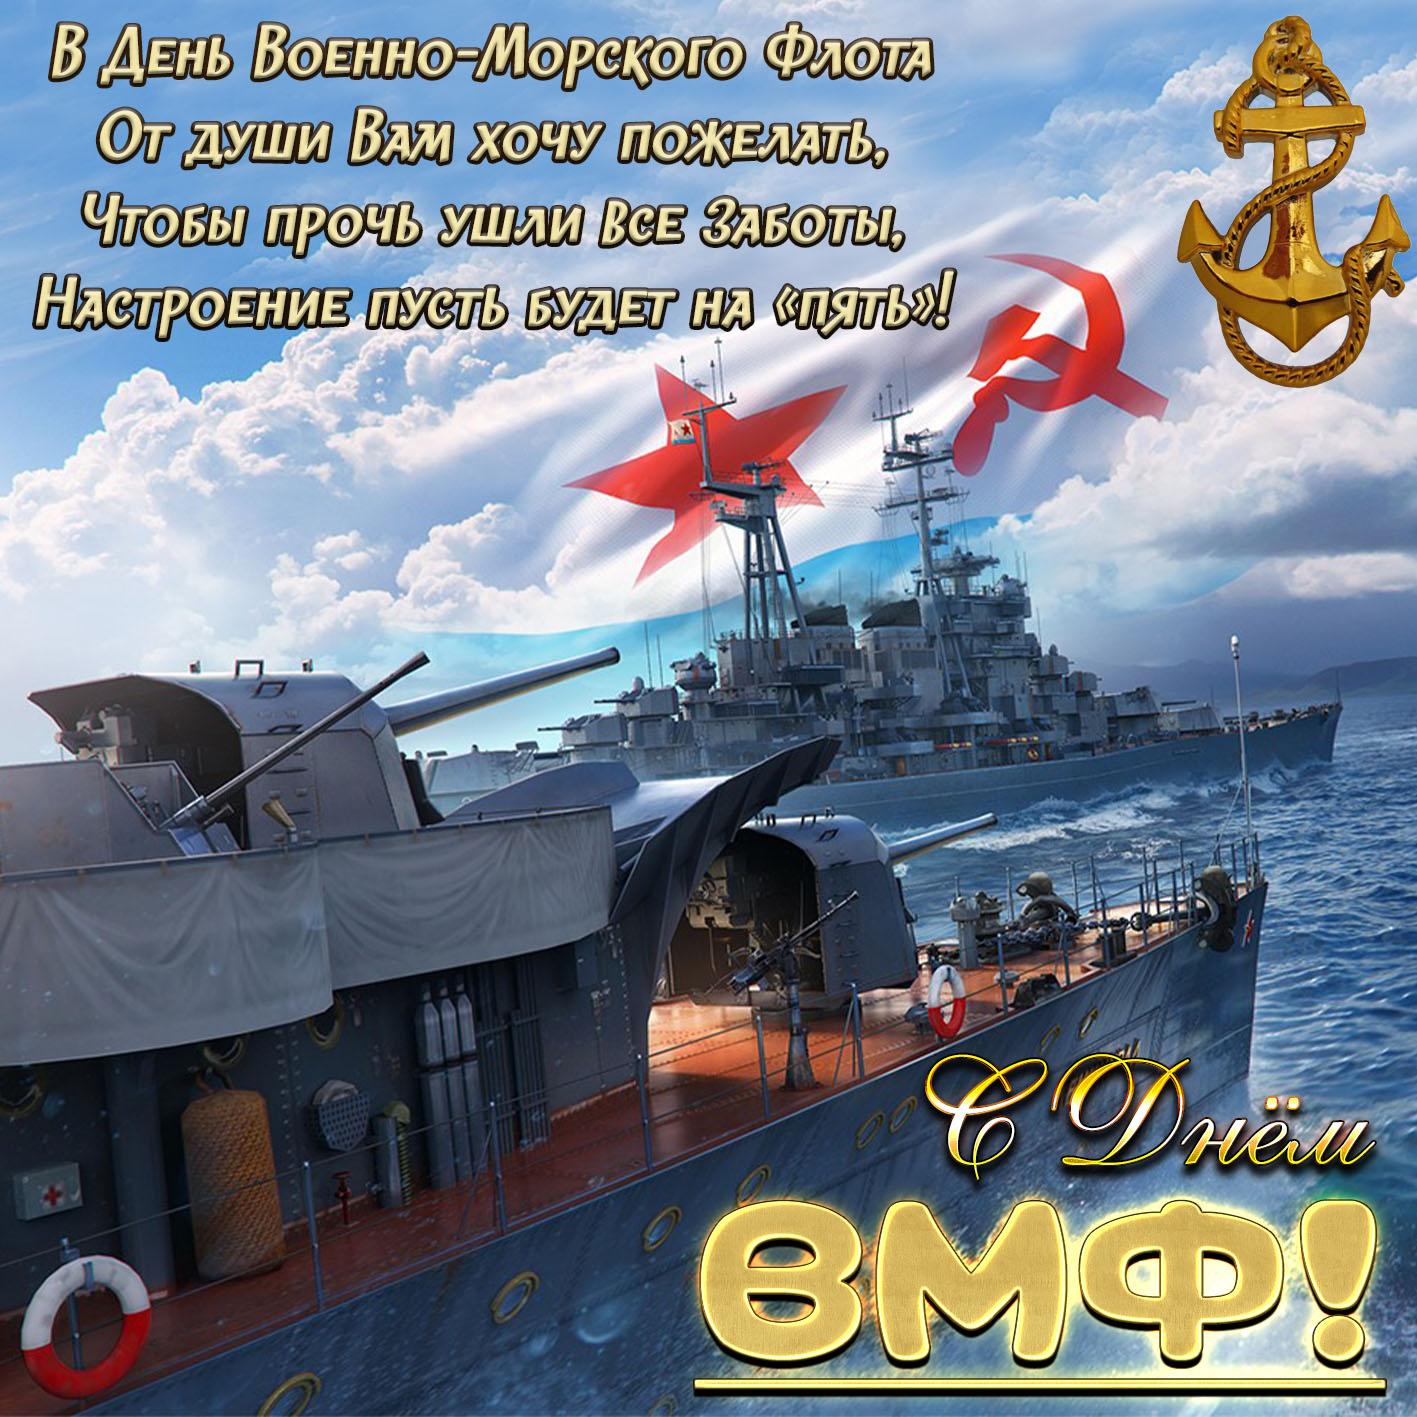 С поздравления день морского флота